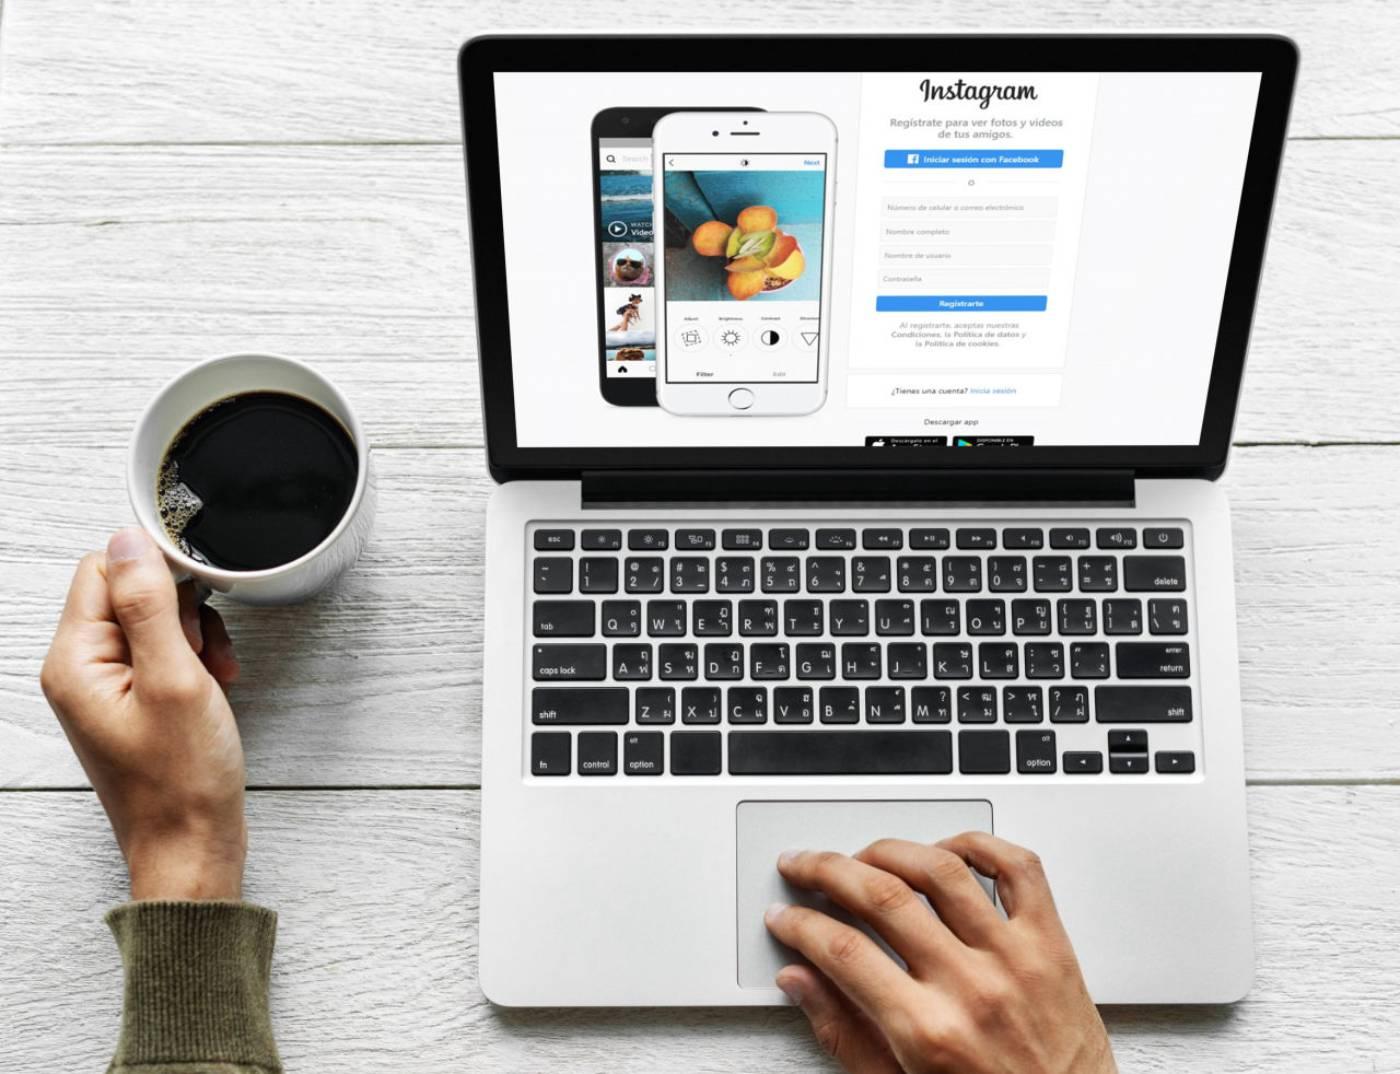 Los últimos cambios en Instagram afectaron las métricas de los influencers.